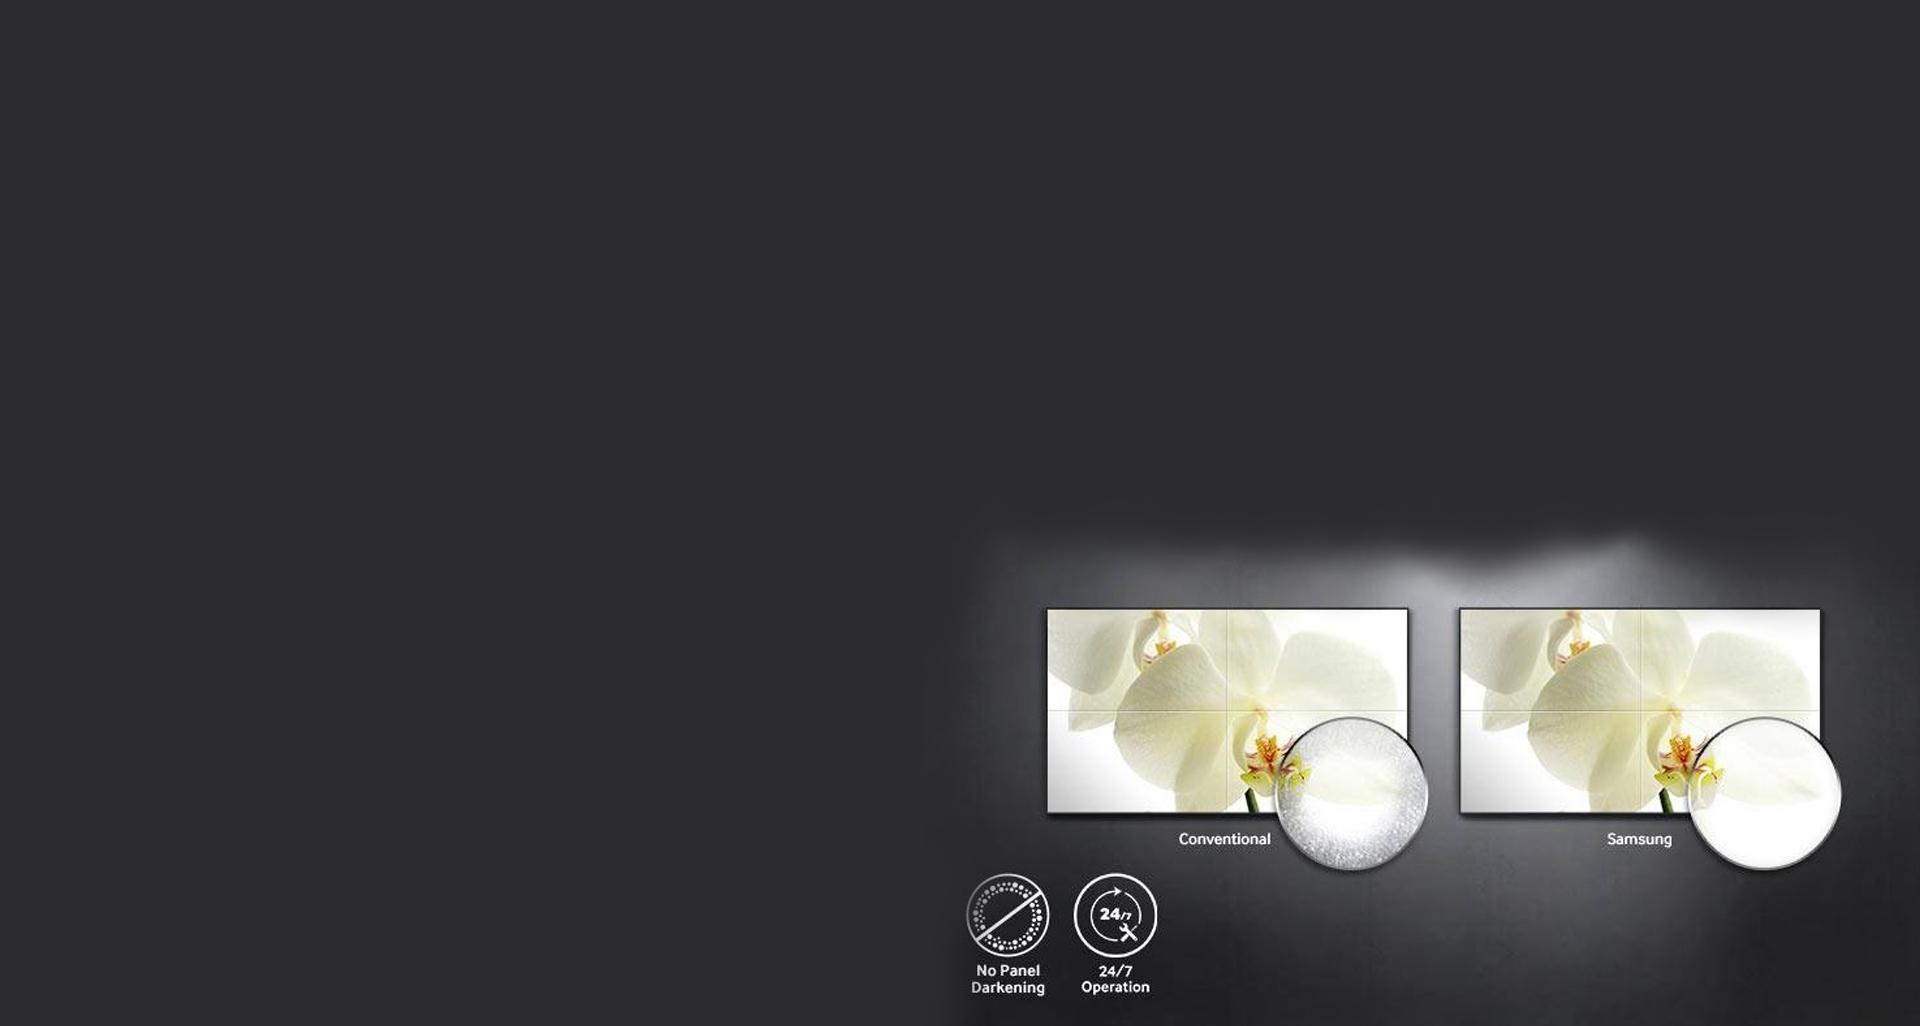 ویدئو وال های UHF5 با بالاترین کیفیت پنل